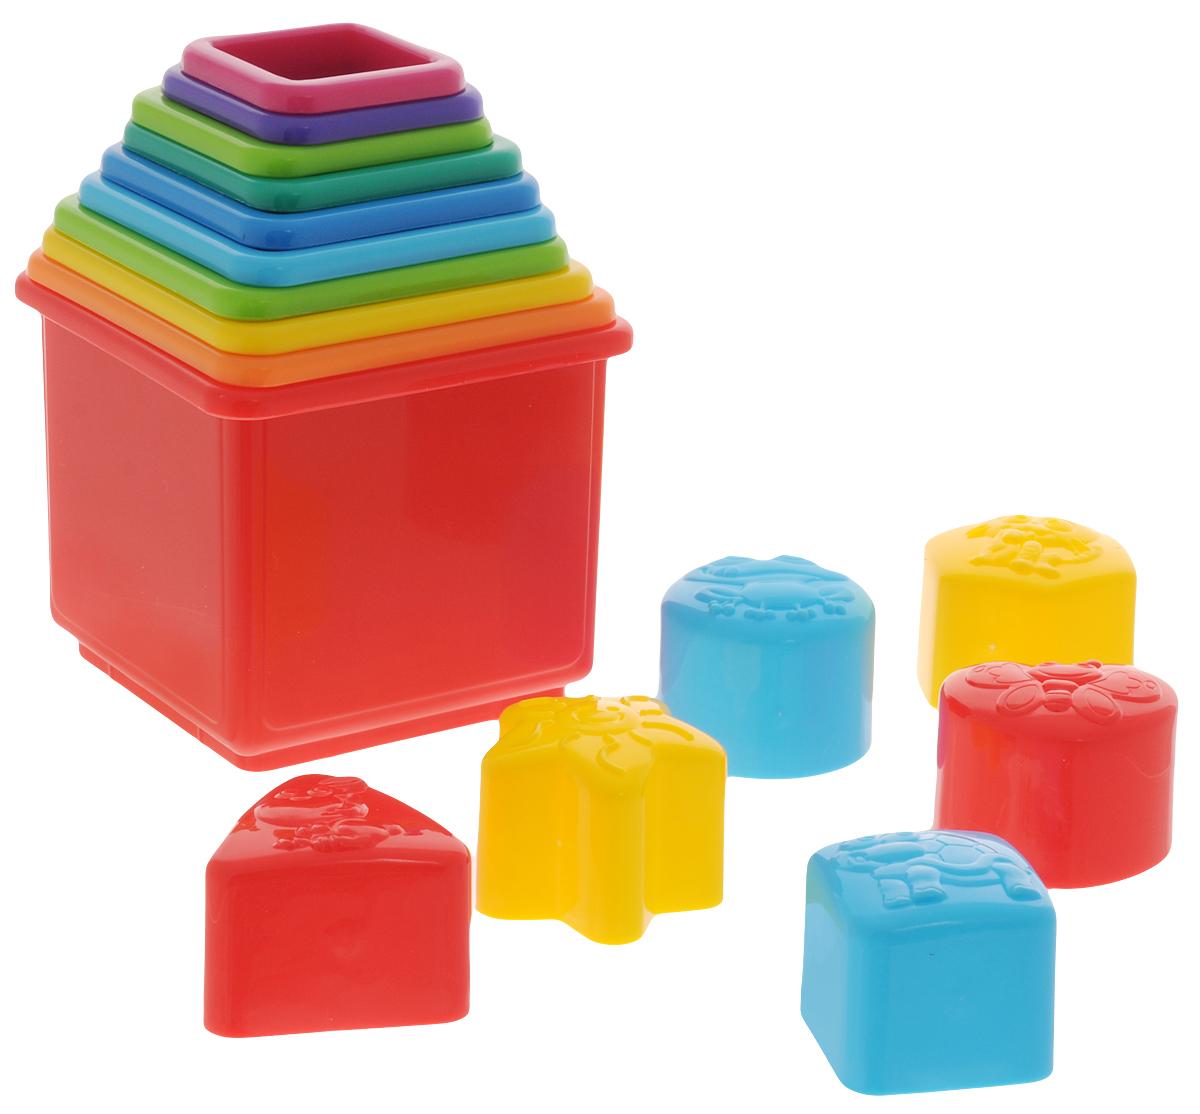 Playgo Пирамида-сортерPlay 2384Пирамида-сортер от Playgo представляет собой башню из пластиковых стаканчиков на основании. Ребенок сможет строить пирамидку и играть с ней в игровой комнате, а также весело плескаться водой из колпачков при купании. Малыш придет в восторг от такой замечательной игрушки.В наборе 16 стаканчиков разного размера и различных форм с морскими животными Изделие выполнено из высококачественного пластика и покрыто безопасными для детей красками.